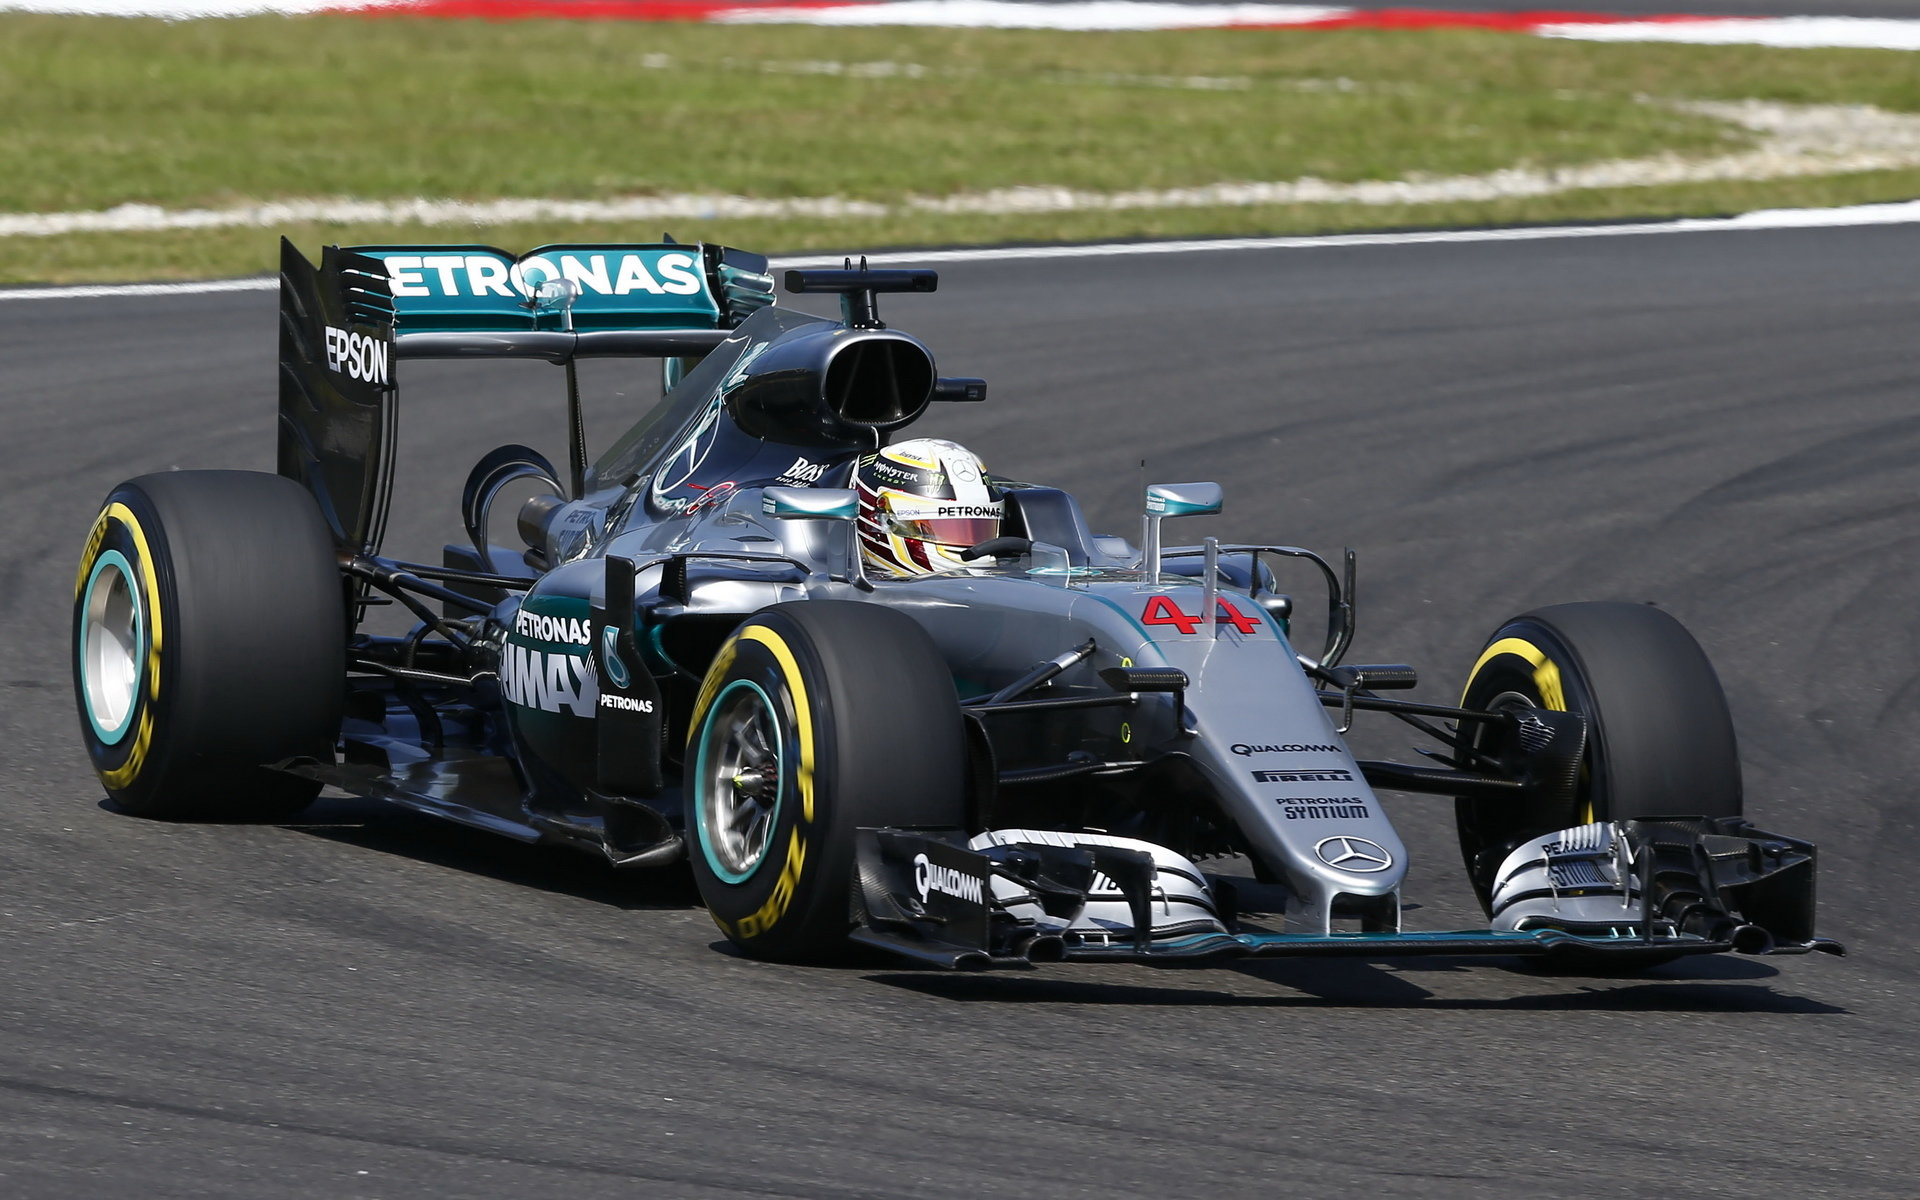 ANALÝZA SEKTORŮ: Nezadržitelný Hamilton o 6,4 s rychlejší než loni, Wehrlein přes 335 km/h - anotační foto